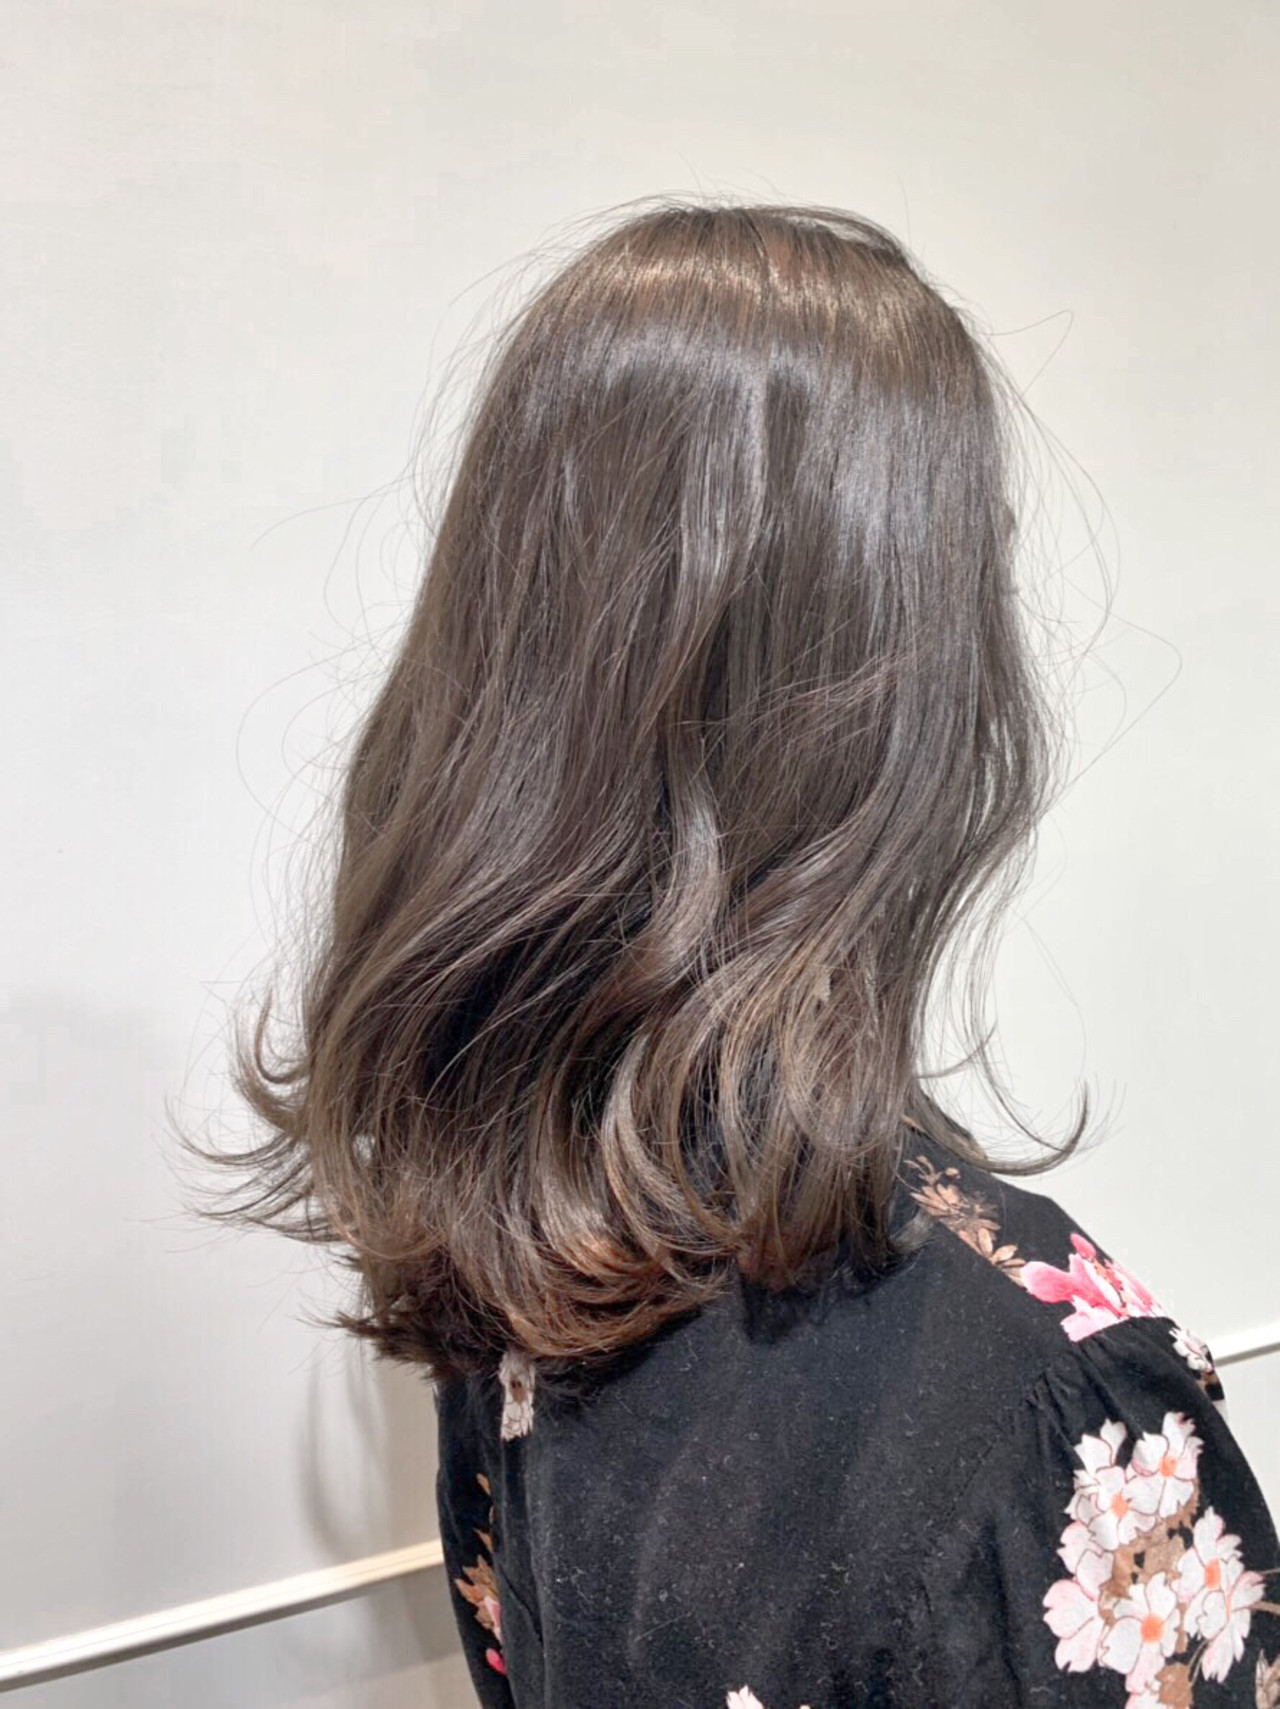 セミロング ミディアムヘアー アンニュイほつれヘア フェミニン ヘアスタイルや髪型の写真・画像 | 掛橋 翔 / air-FUKUOKA